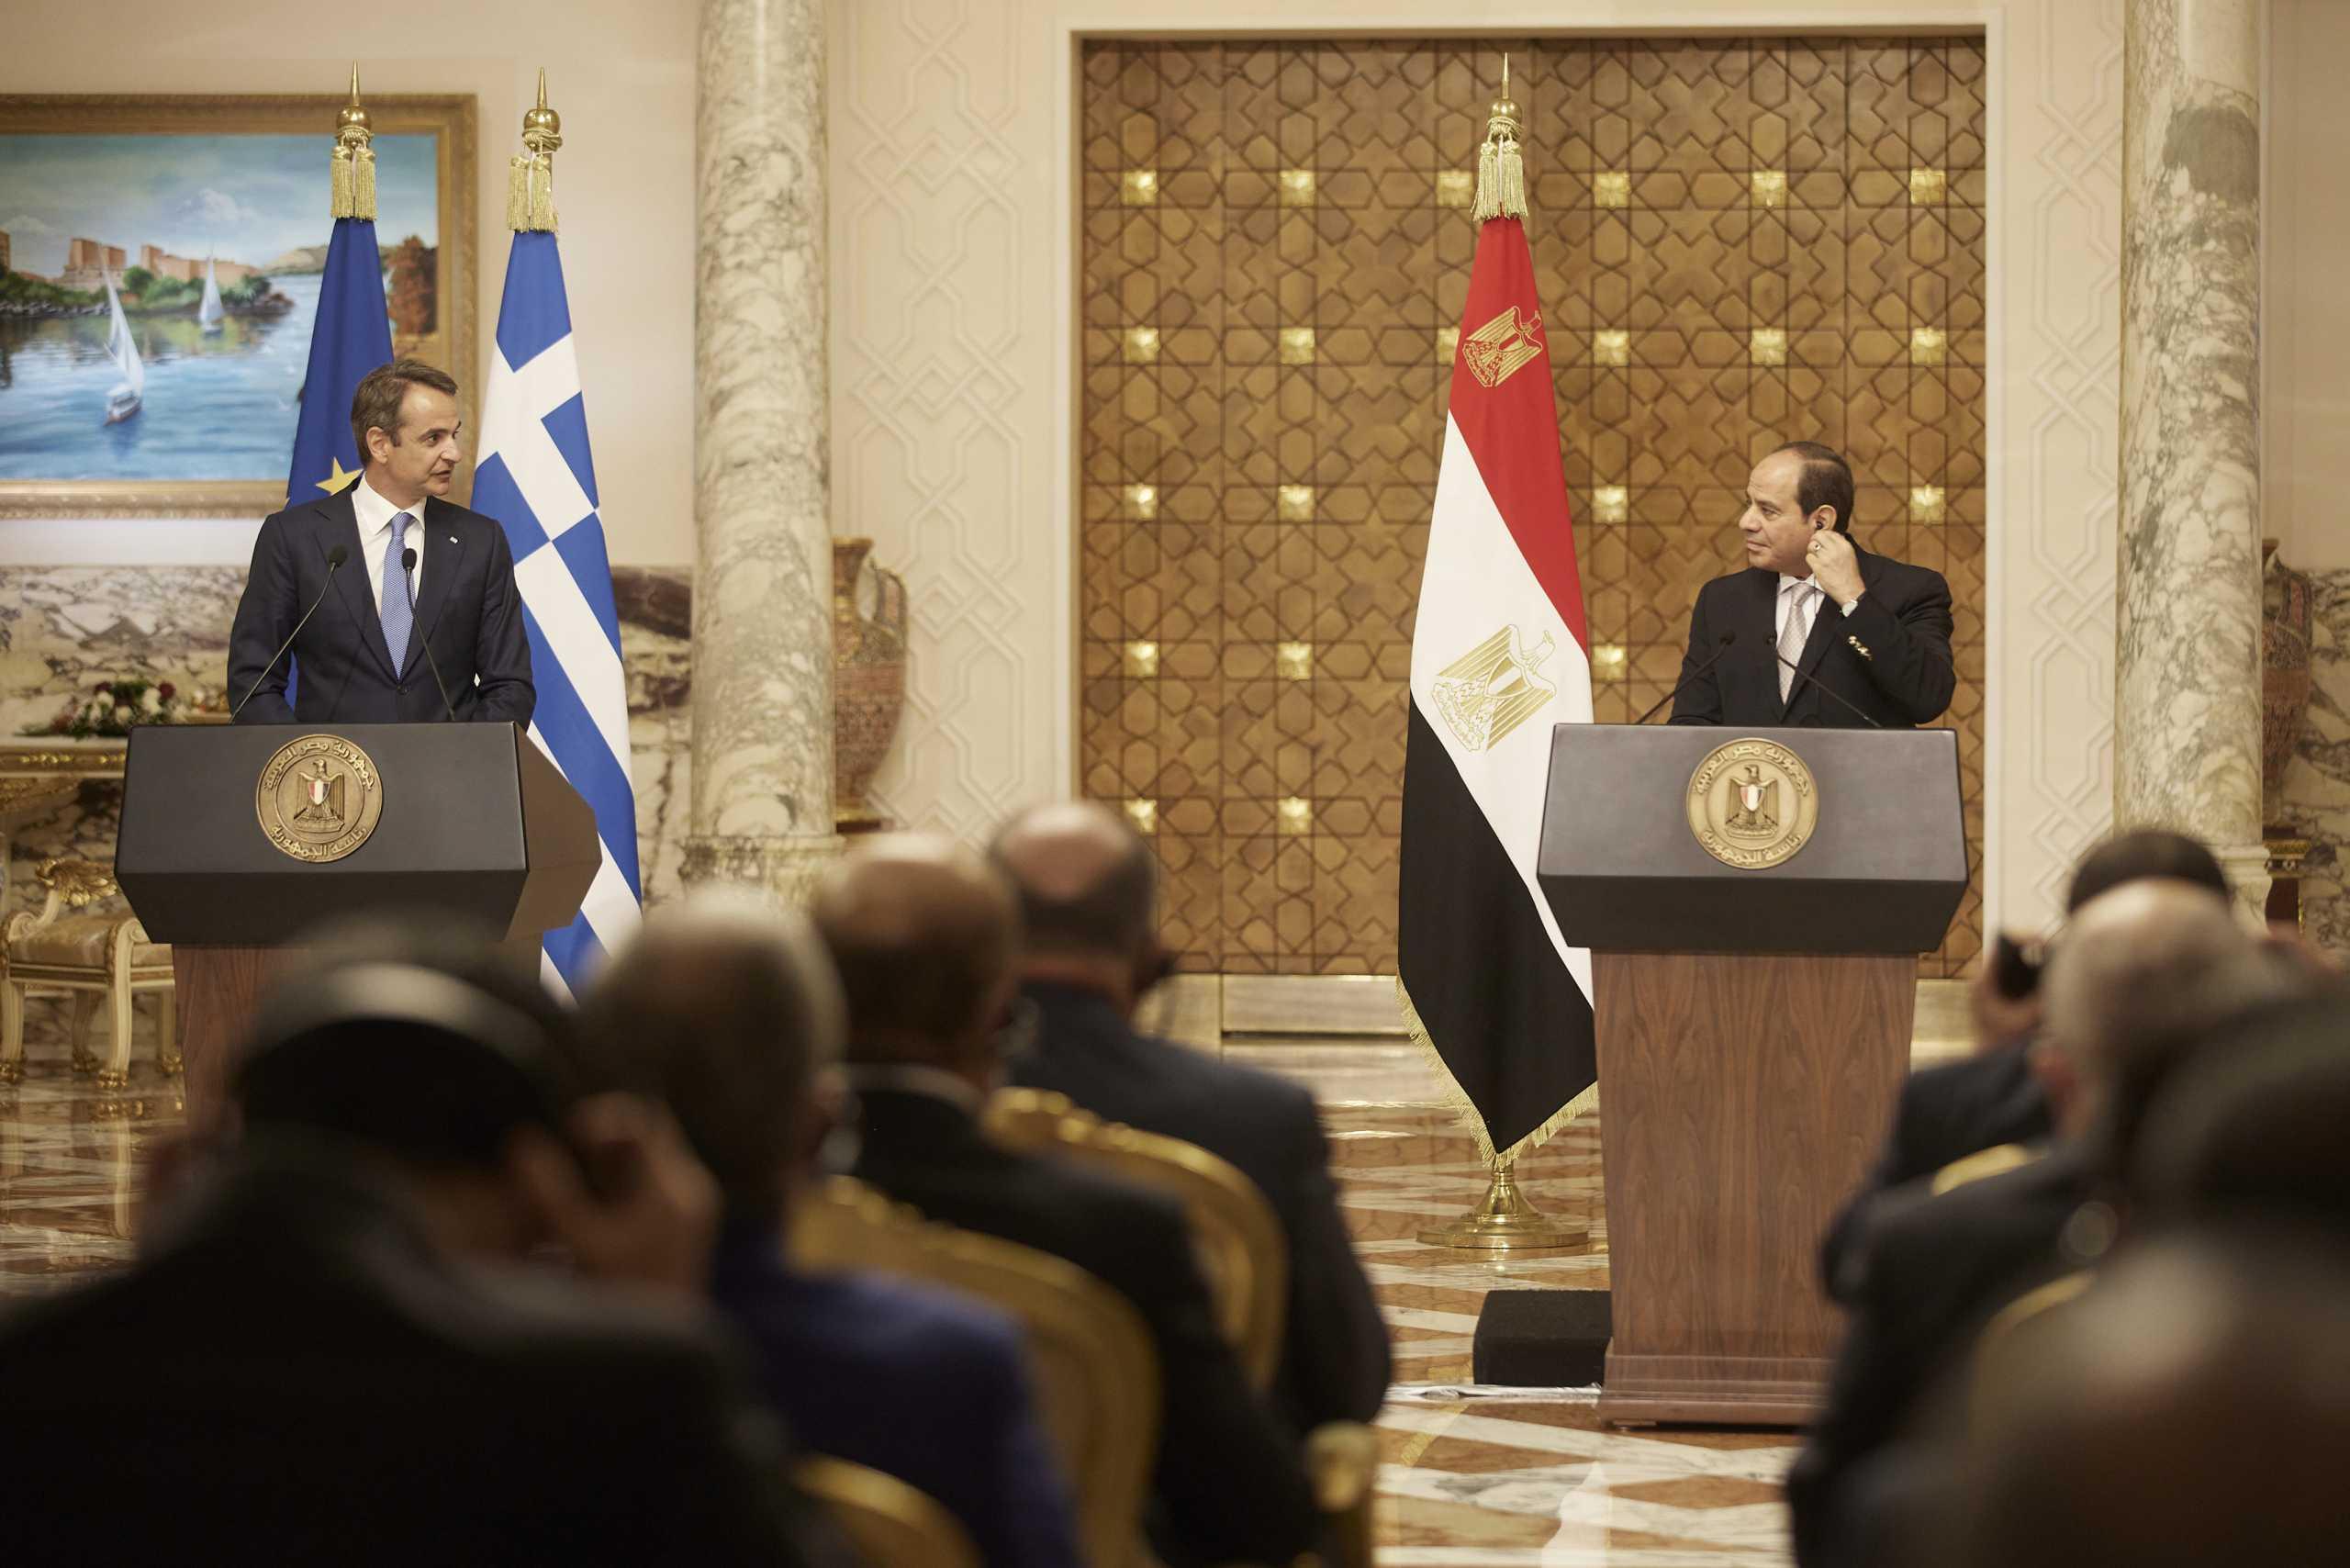 Αλ Σίσι: Υποστηρίζουμε την Ελλάδα σε απόπειρες παραβίασης της κυριαρχίας της